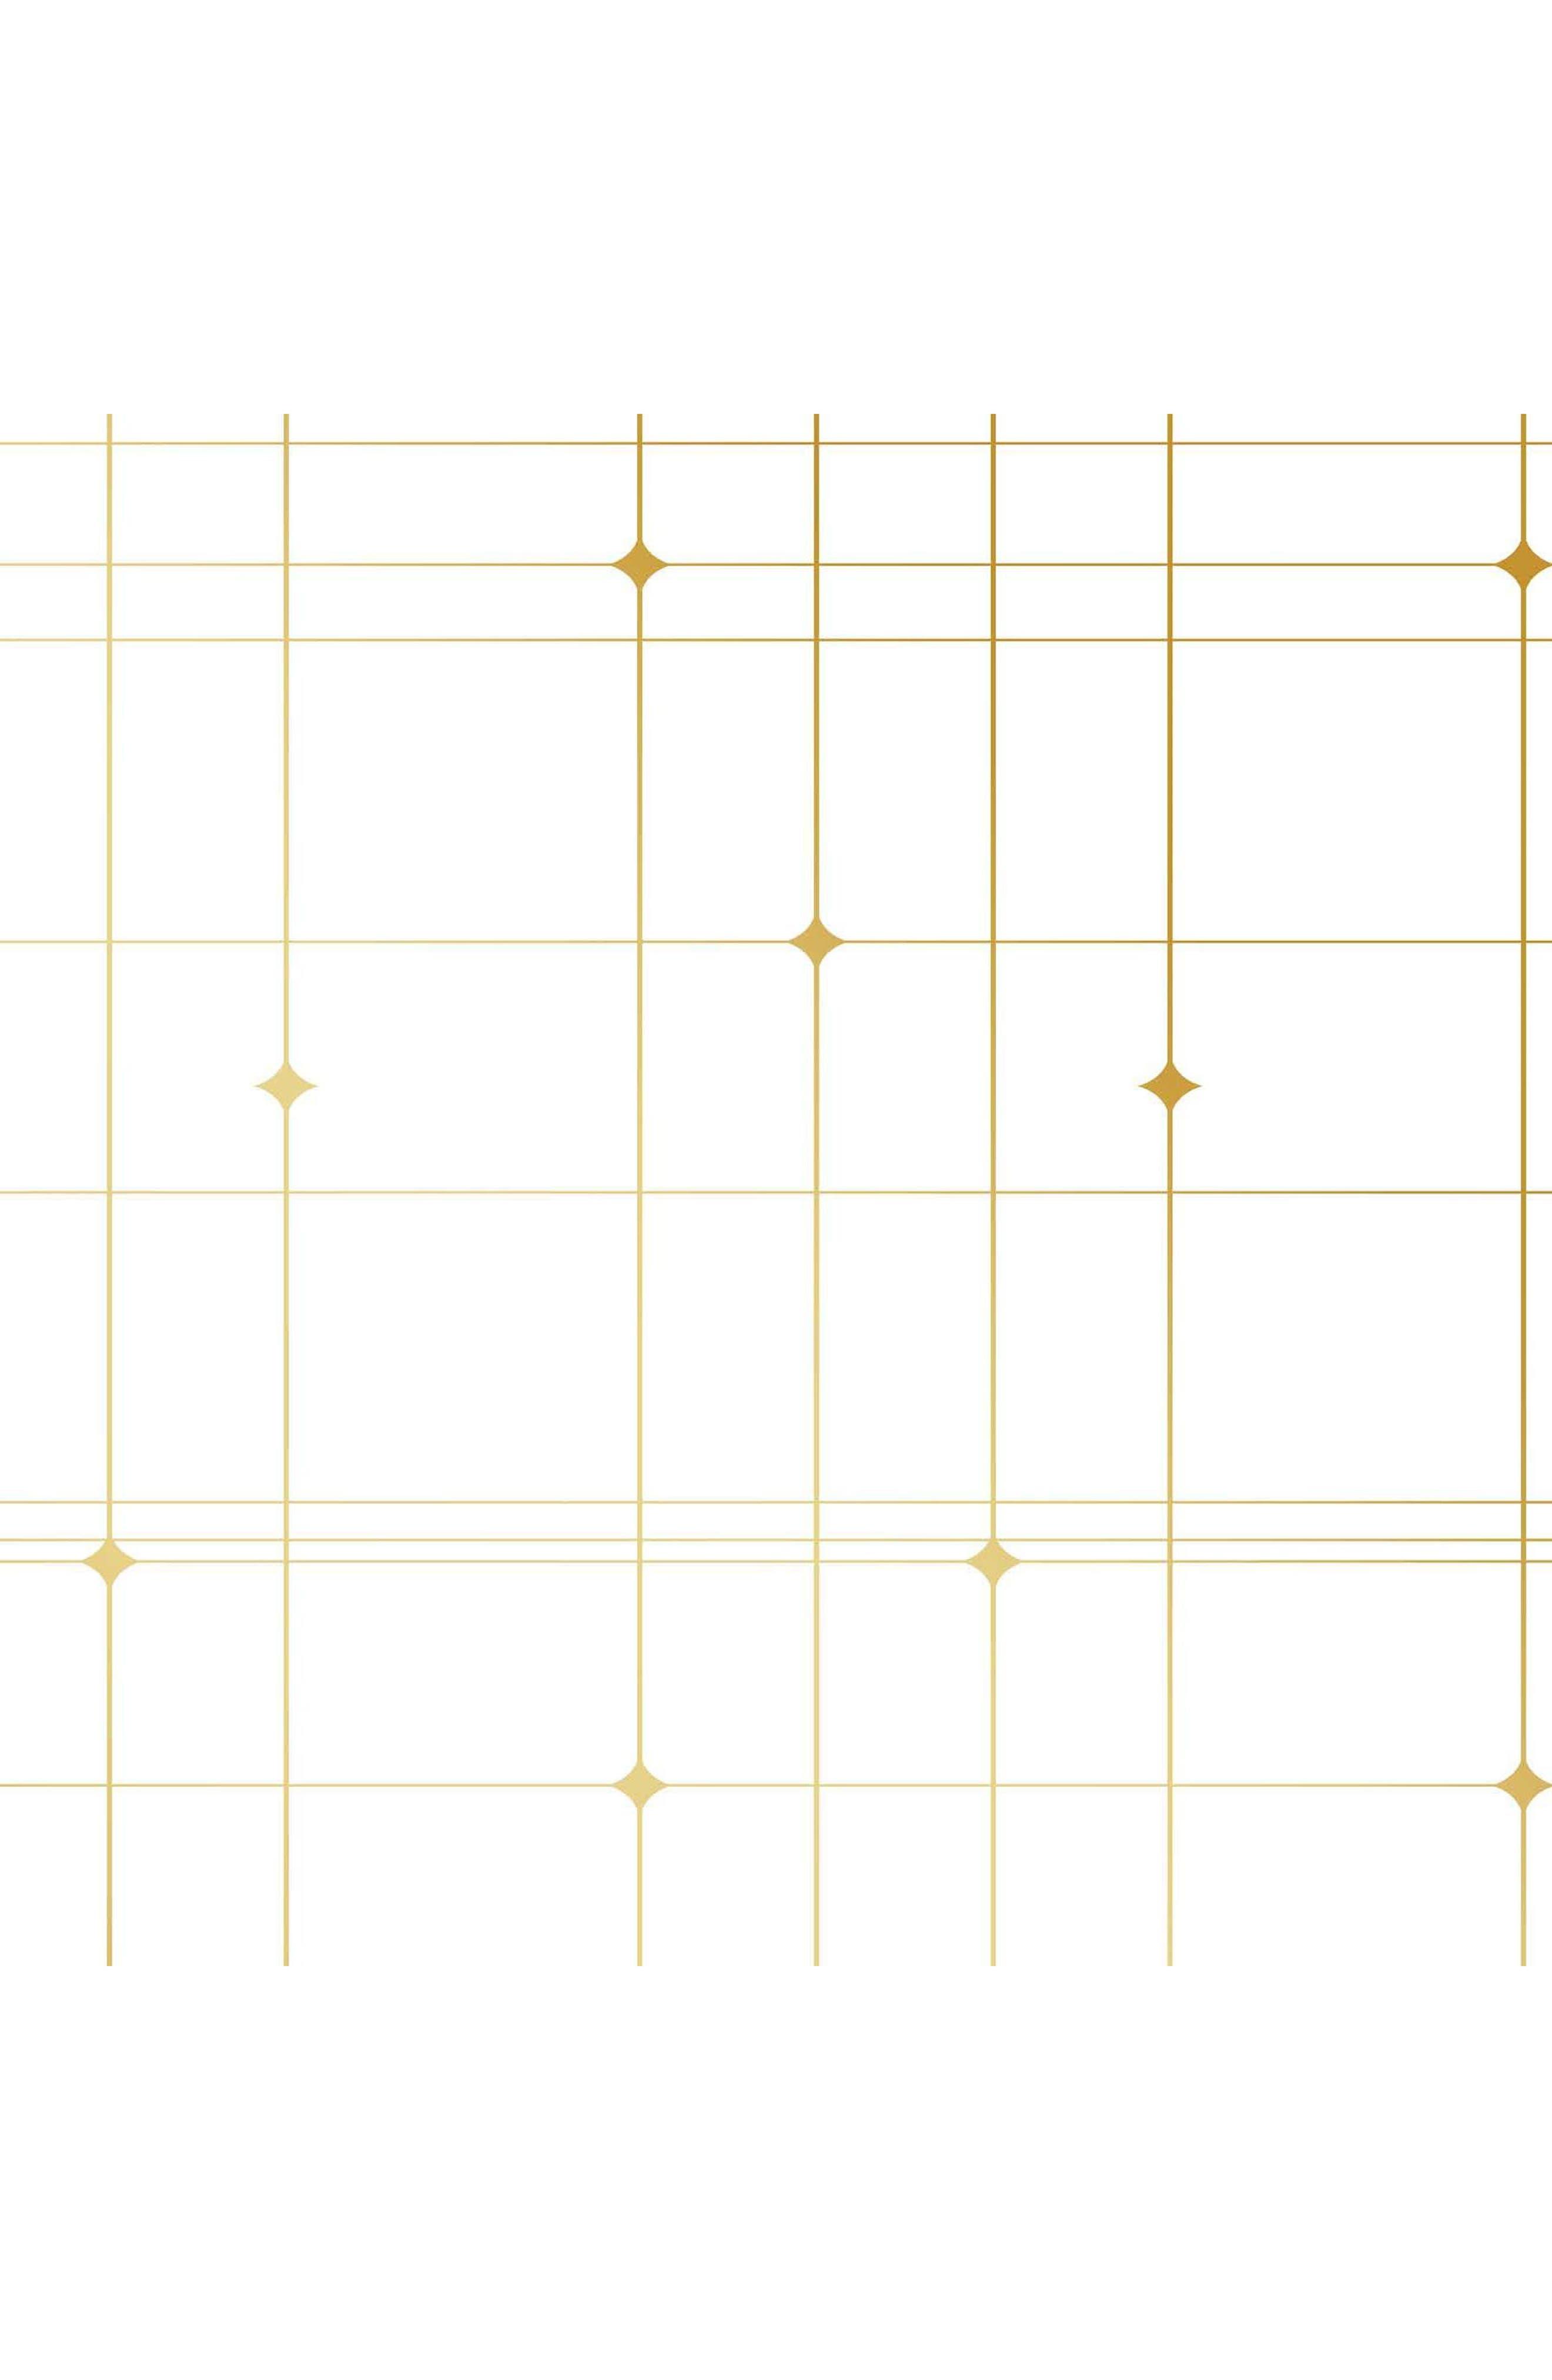 Thermoscad Self-Adhesive Vinyl Wallpaper,                             Main thumbnail 1, color,